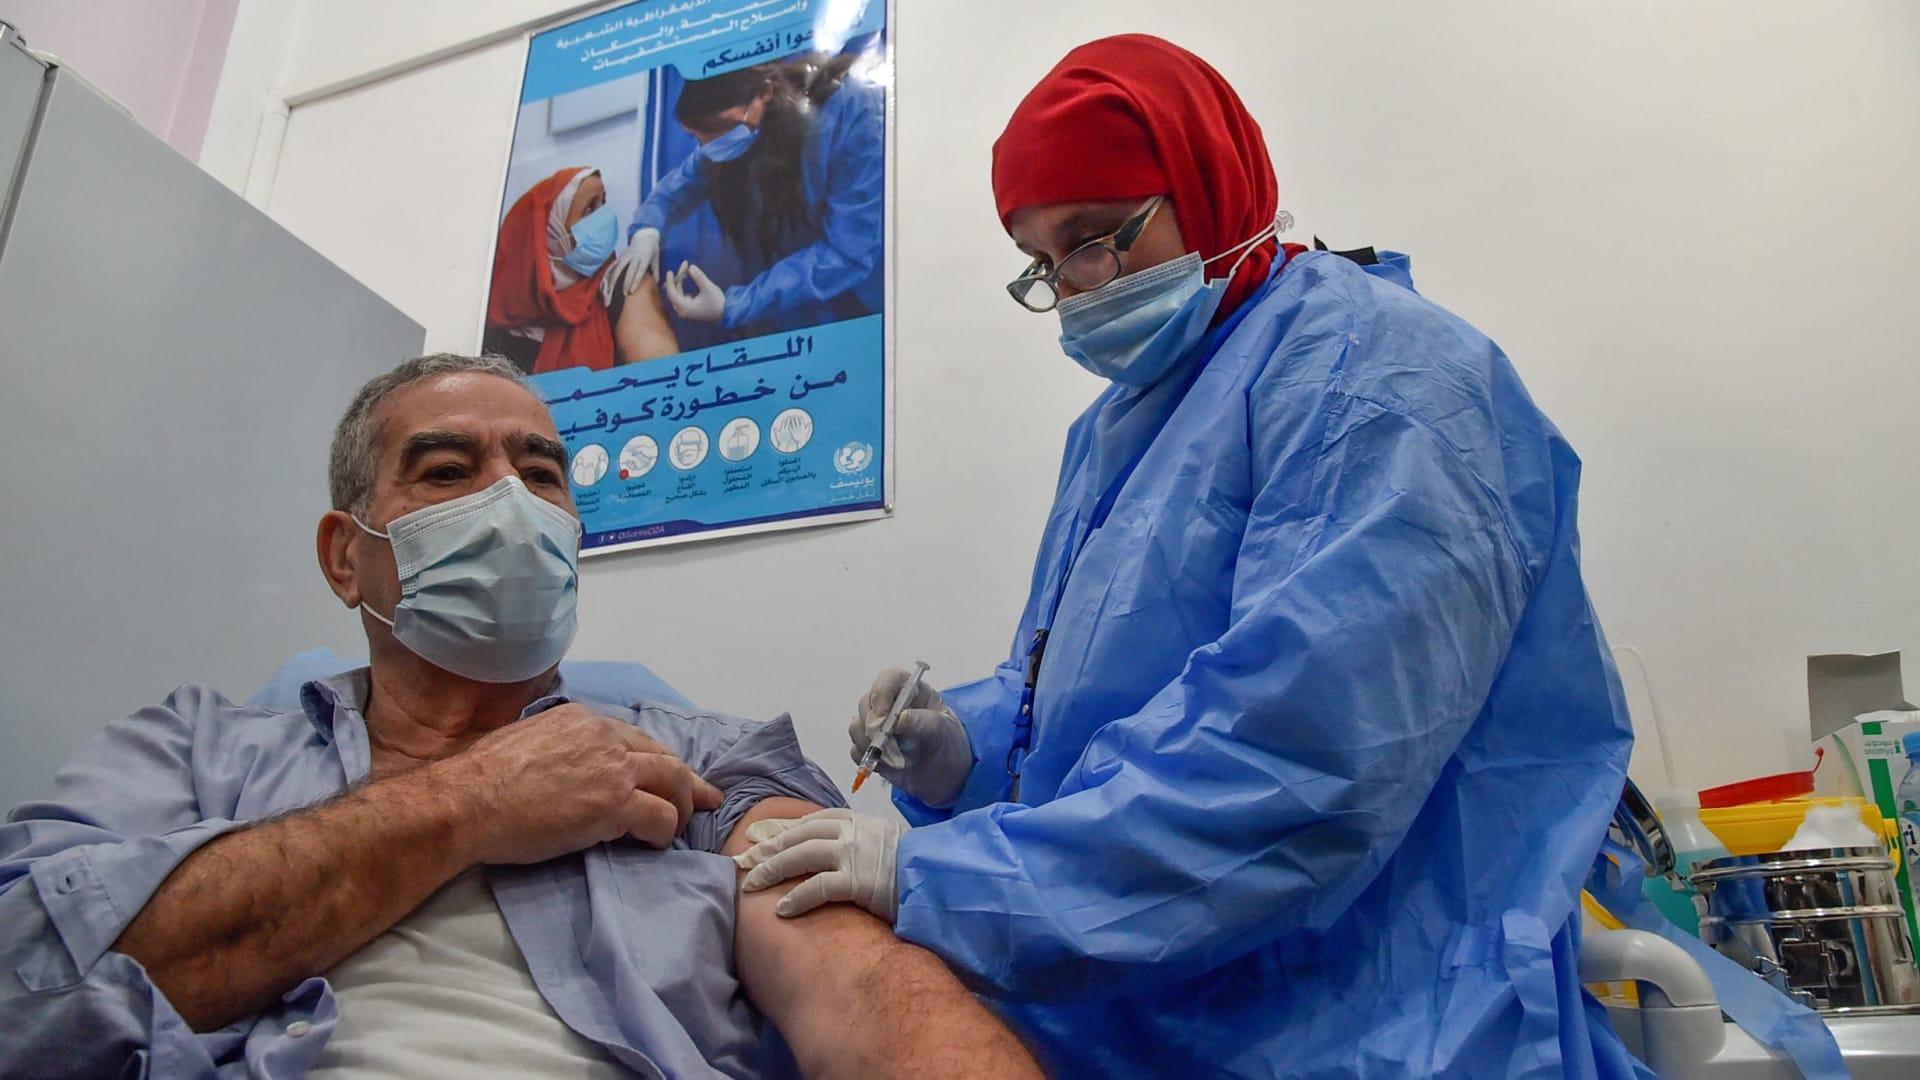 الدول العربية الأعلى تسجيلا للإصابات والوفيات بسبب فيروس كورونا